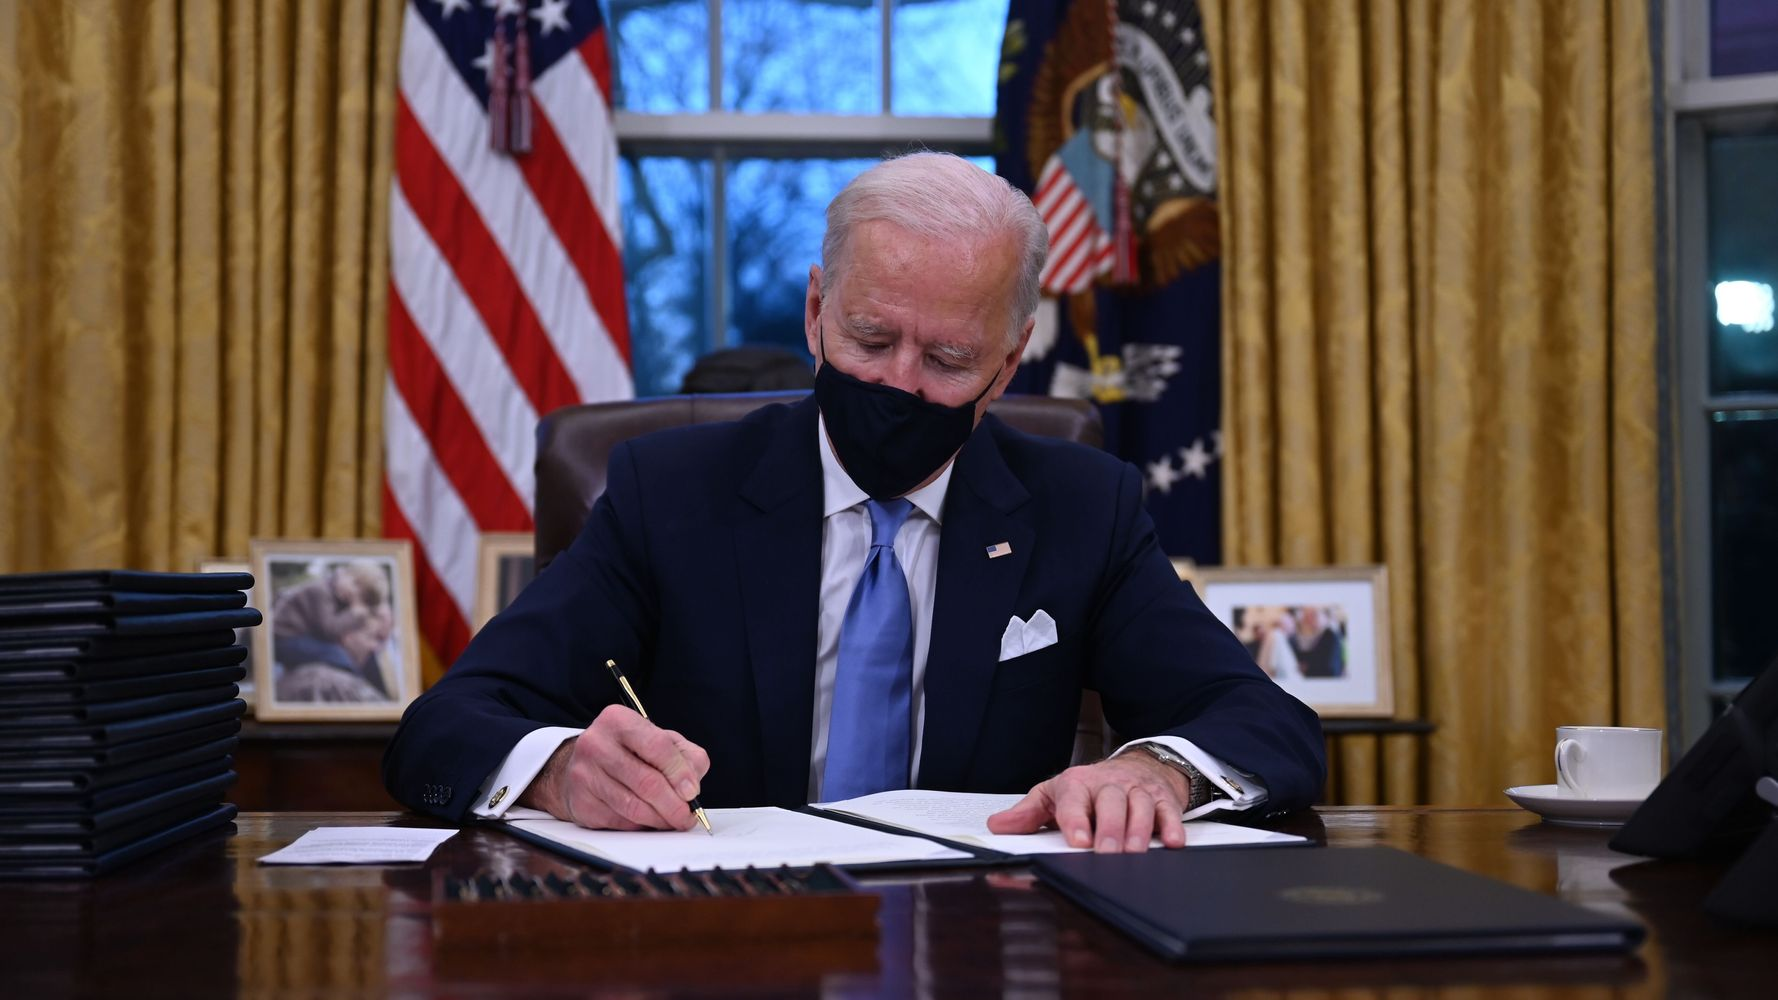 を 復帰 は した 大統領 の 宣言 バイデン